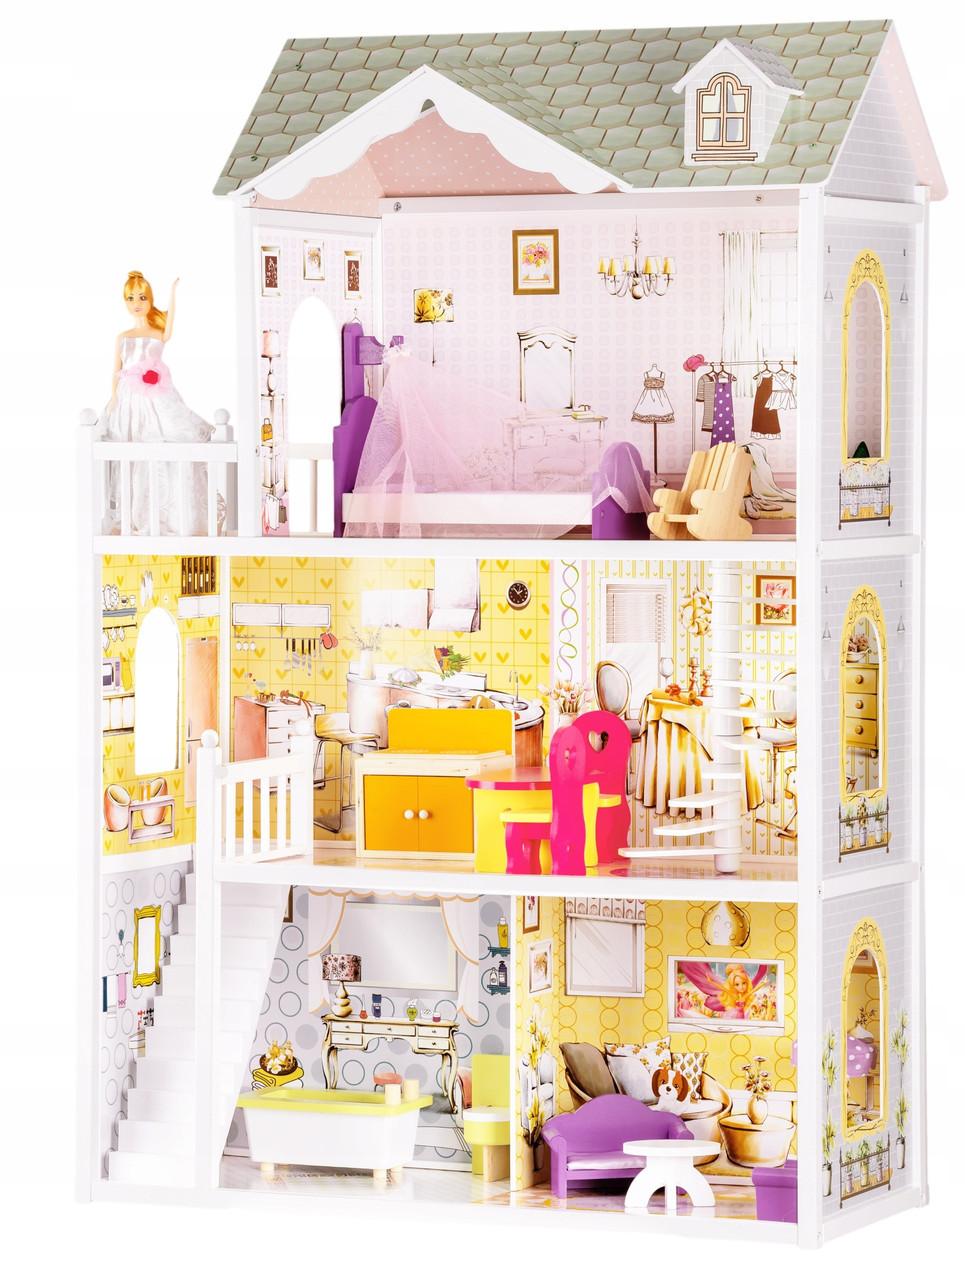 Мега великий ігровий ляльковий будиночок для барбі 4108 Beverly 124 см